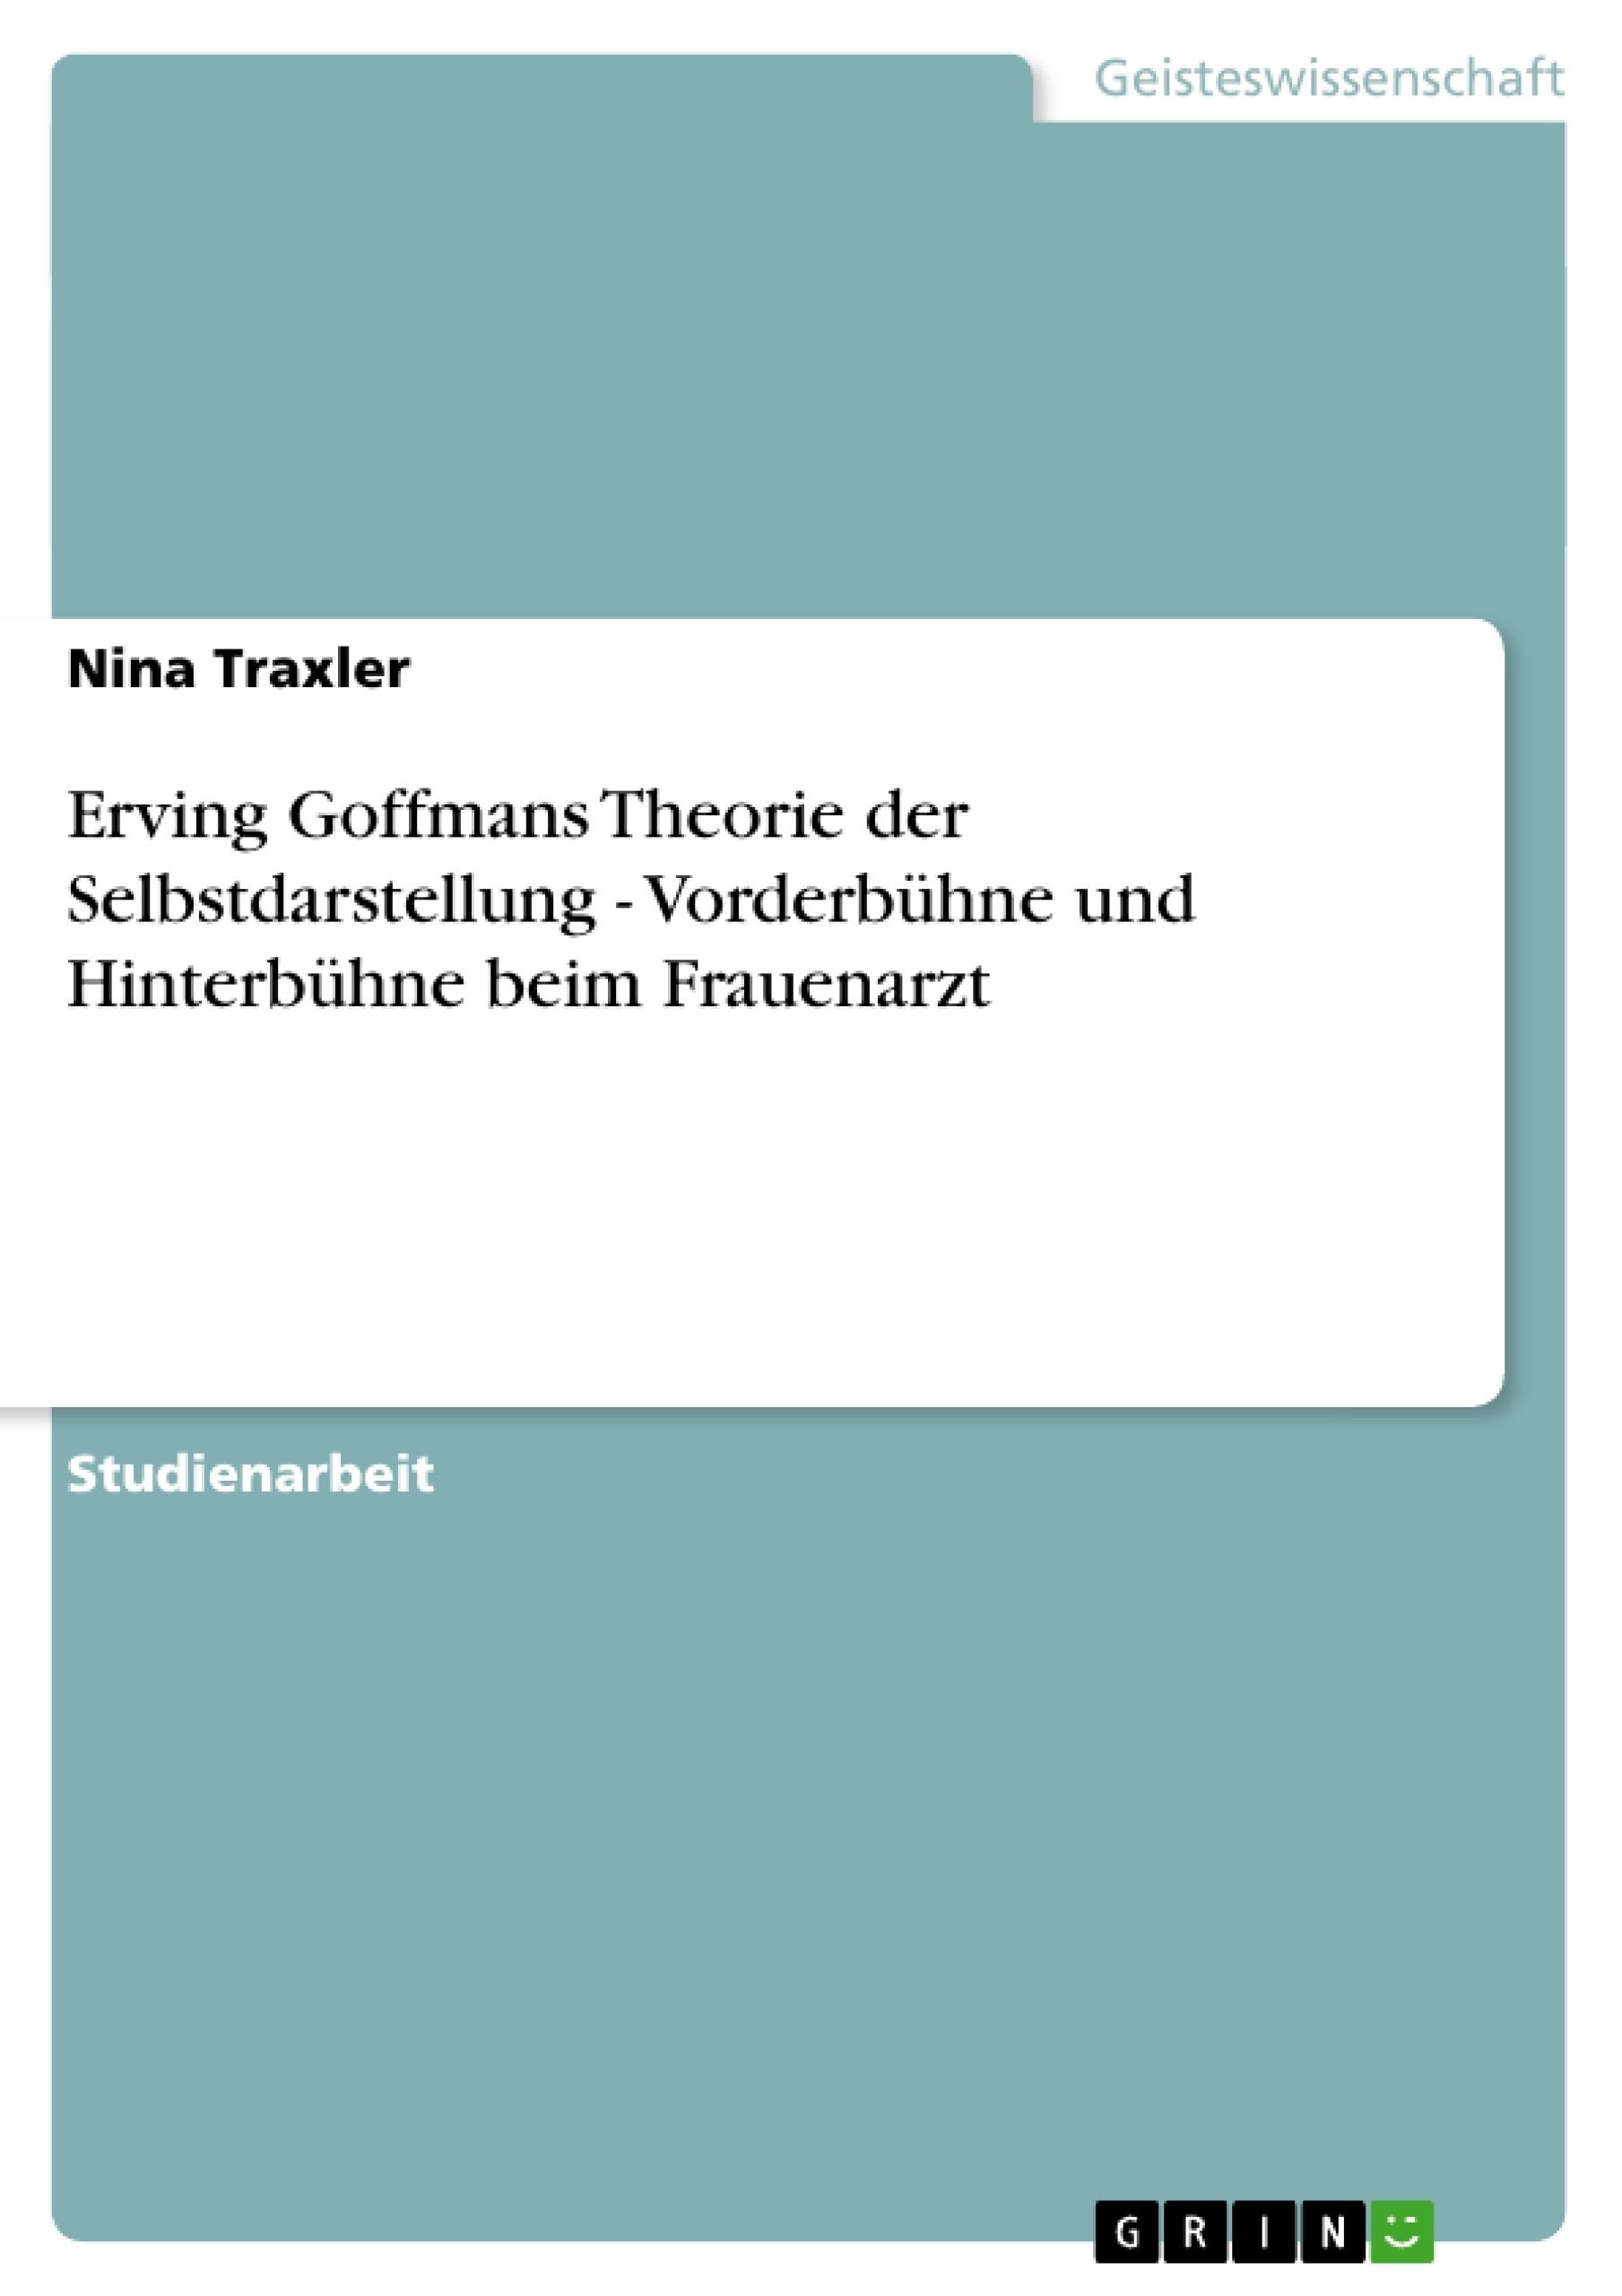 Titel: Erving Goffmans Theorie der Selbstdarstellung - Vorderbühne und Hinterbühne beim Frauenarzt